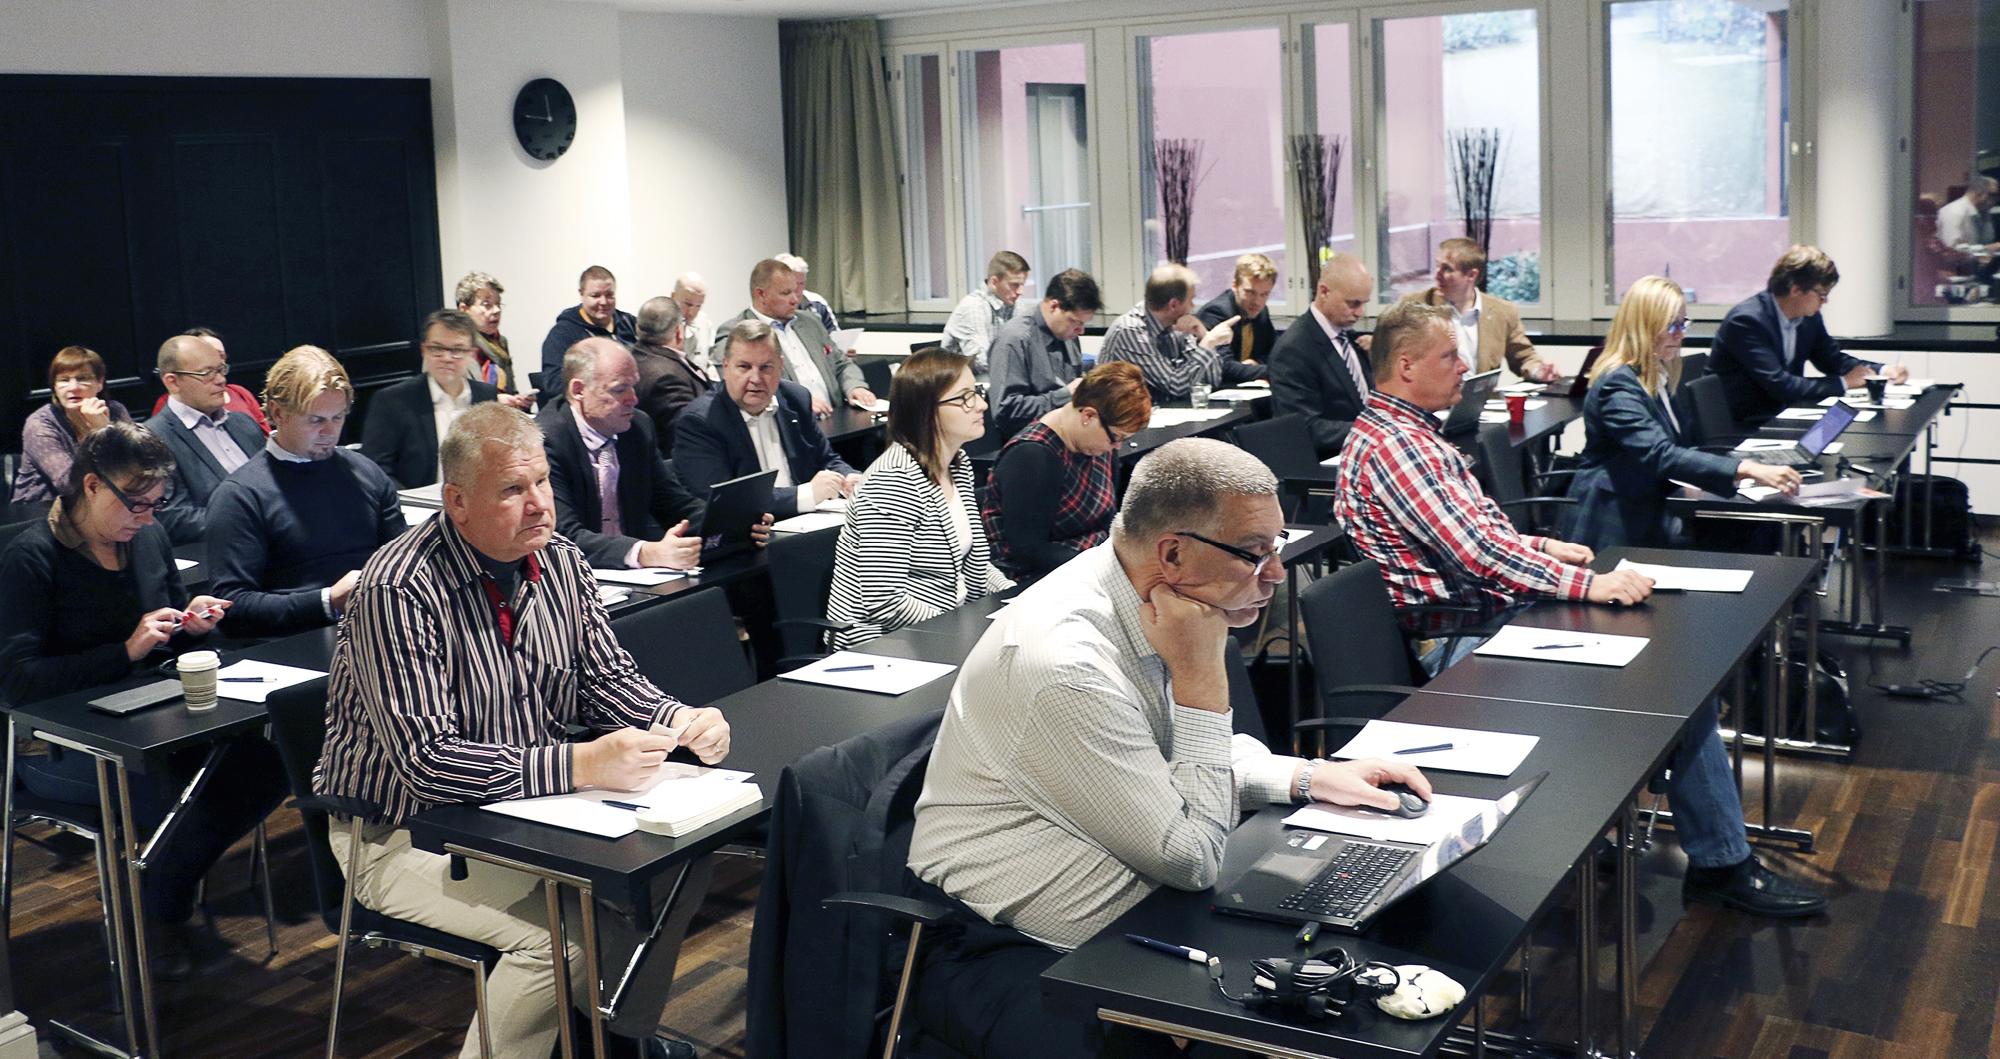 SKTY:n Syyspäivillä Lahdessa lokakuussa 2014 keskusteltiin varautumisesta ja kriisiviestinnästä.